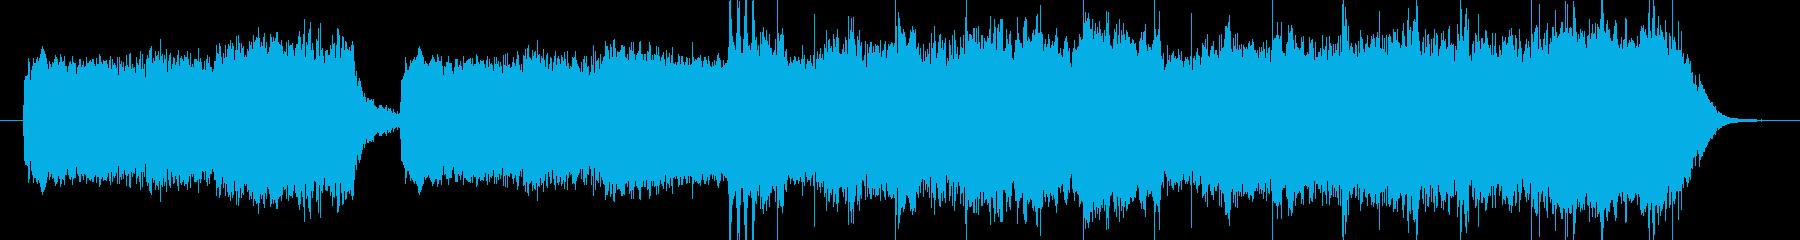 悲しく絶望的なストリングス&コーラス曲の再生済みの波形